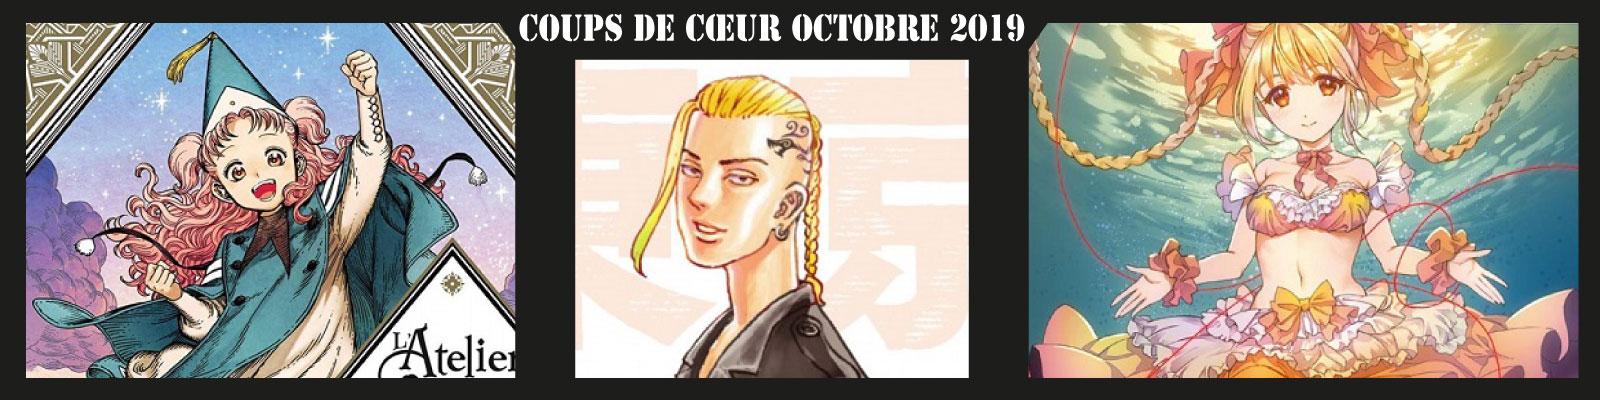 Coups-de-cœur-octobre 2019